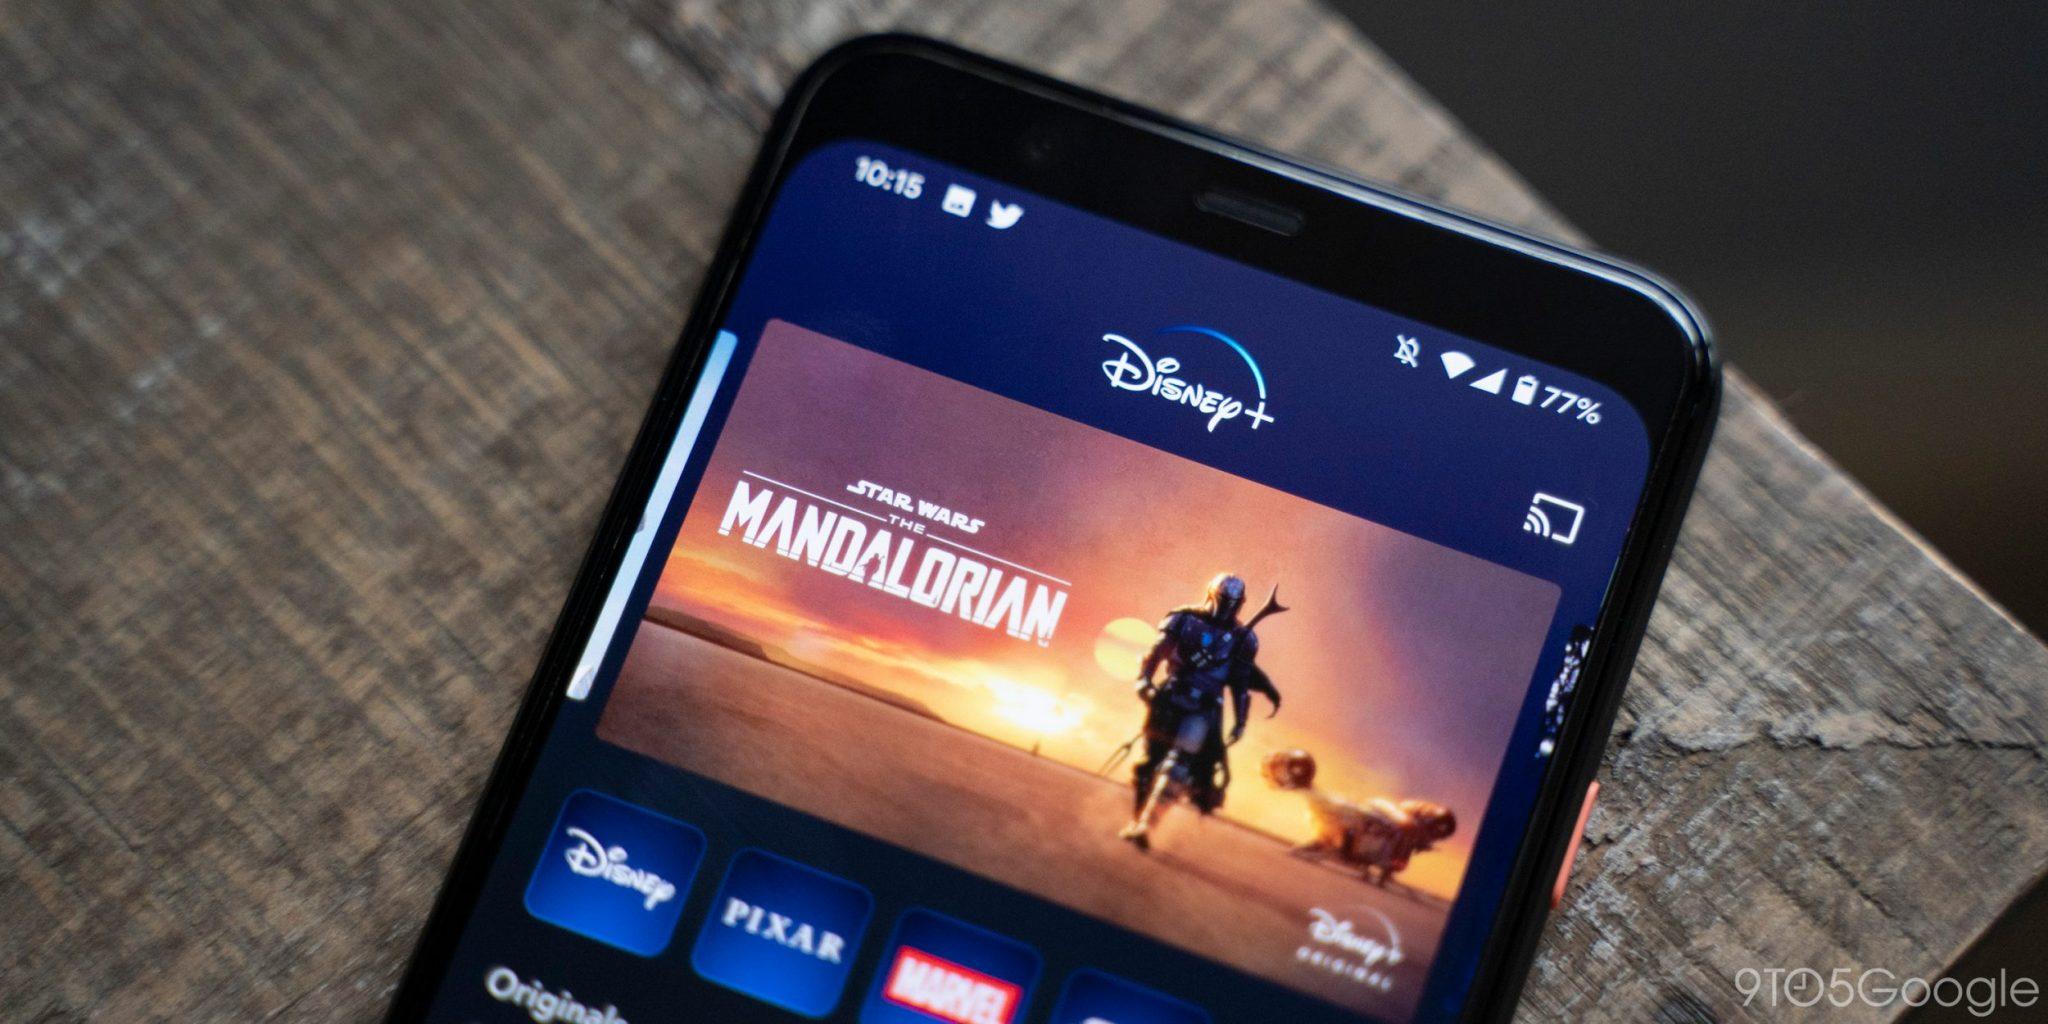 Disney Plus compatibile con Chromecast: come configurarlo thumbnail